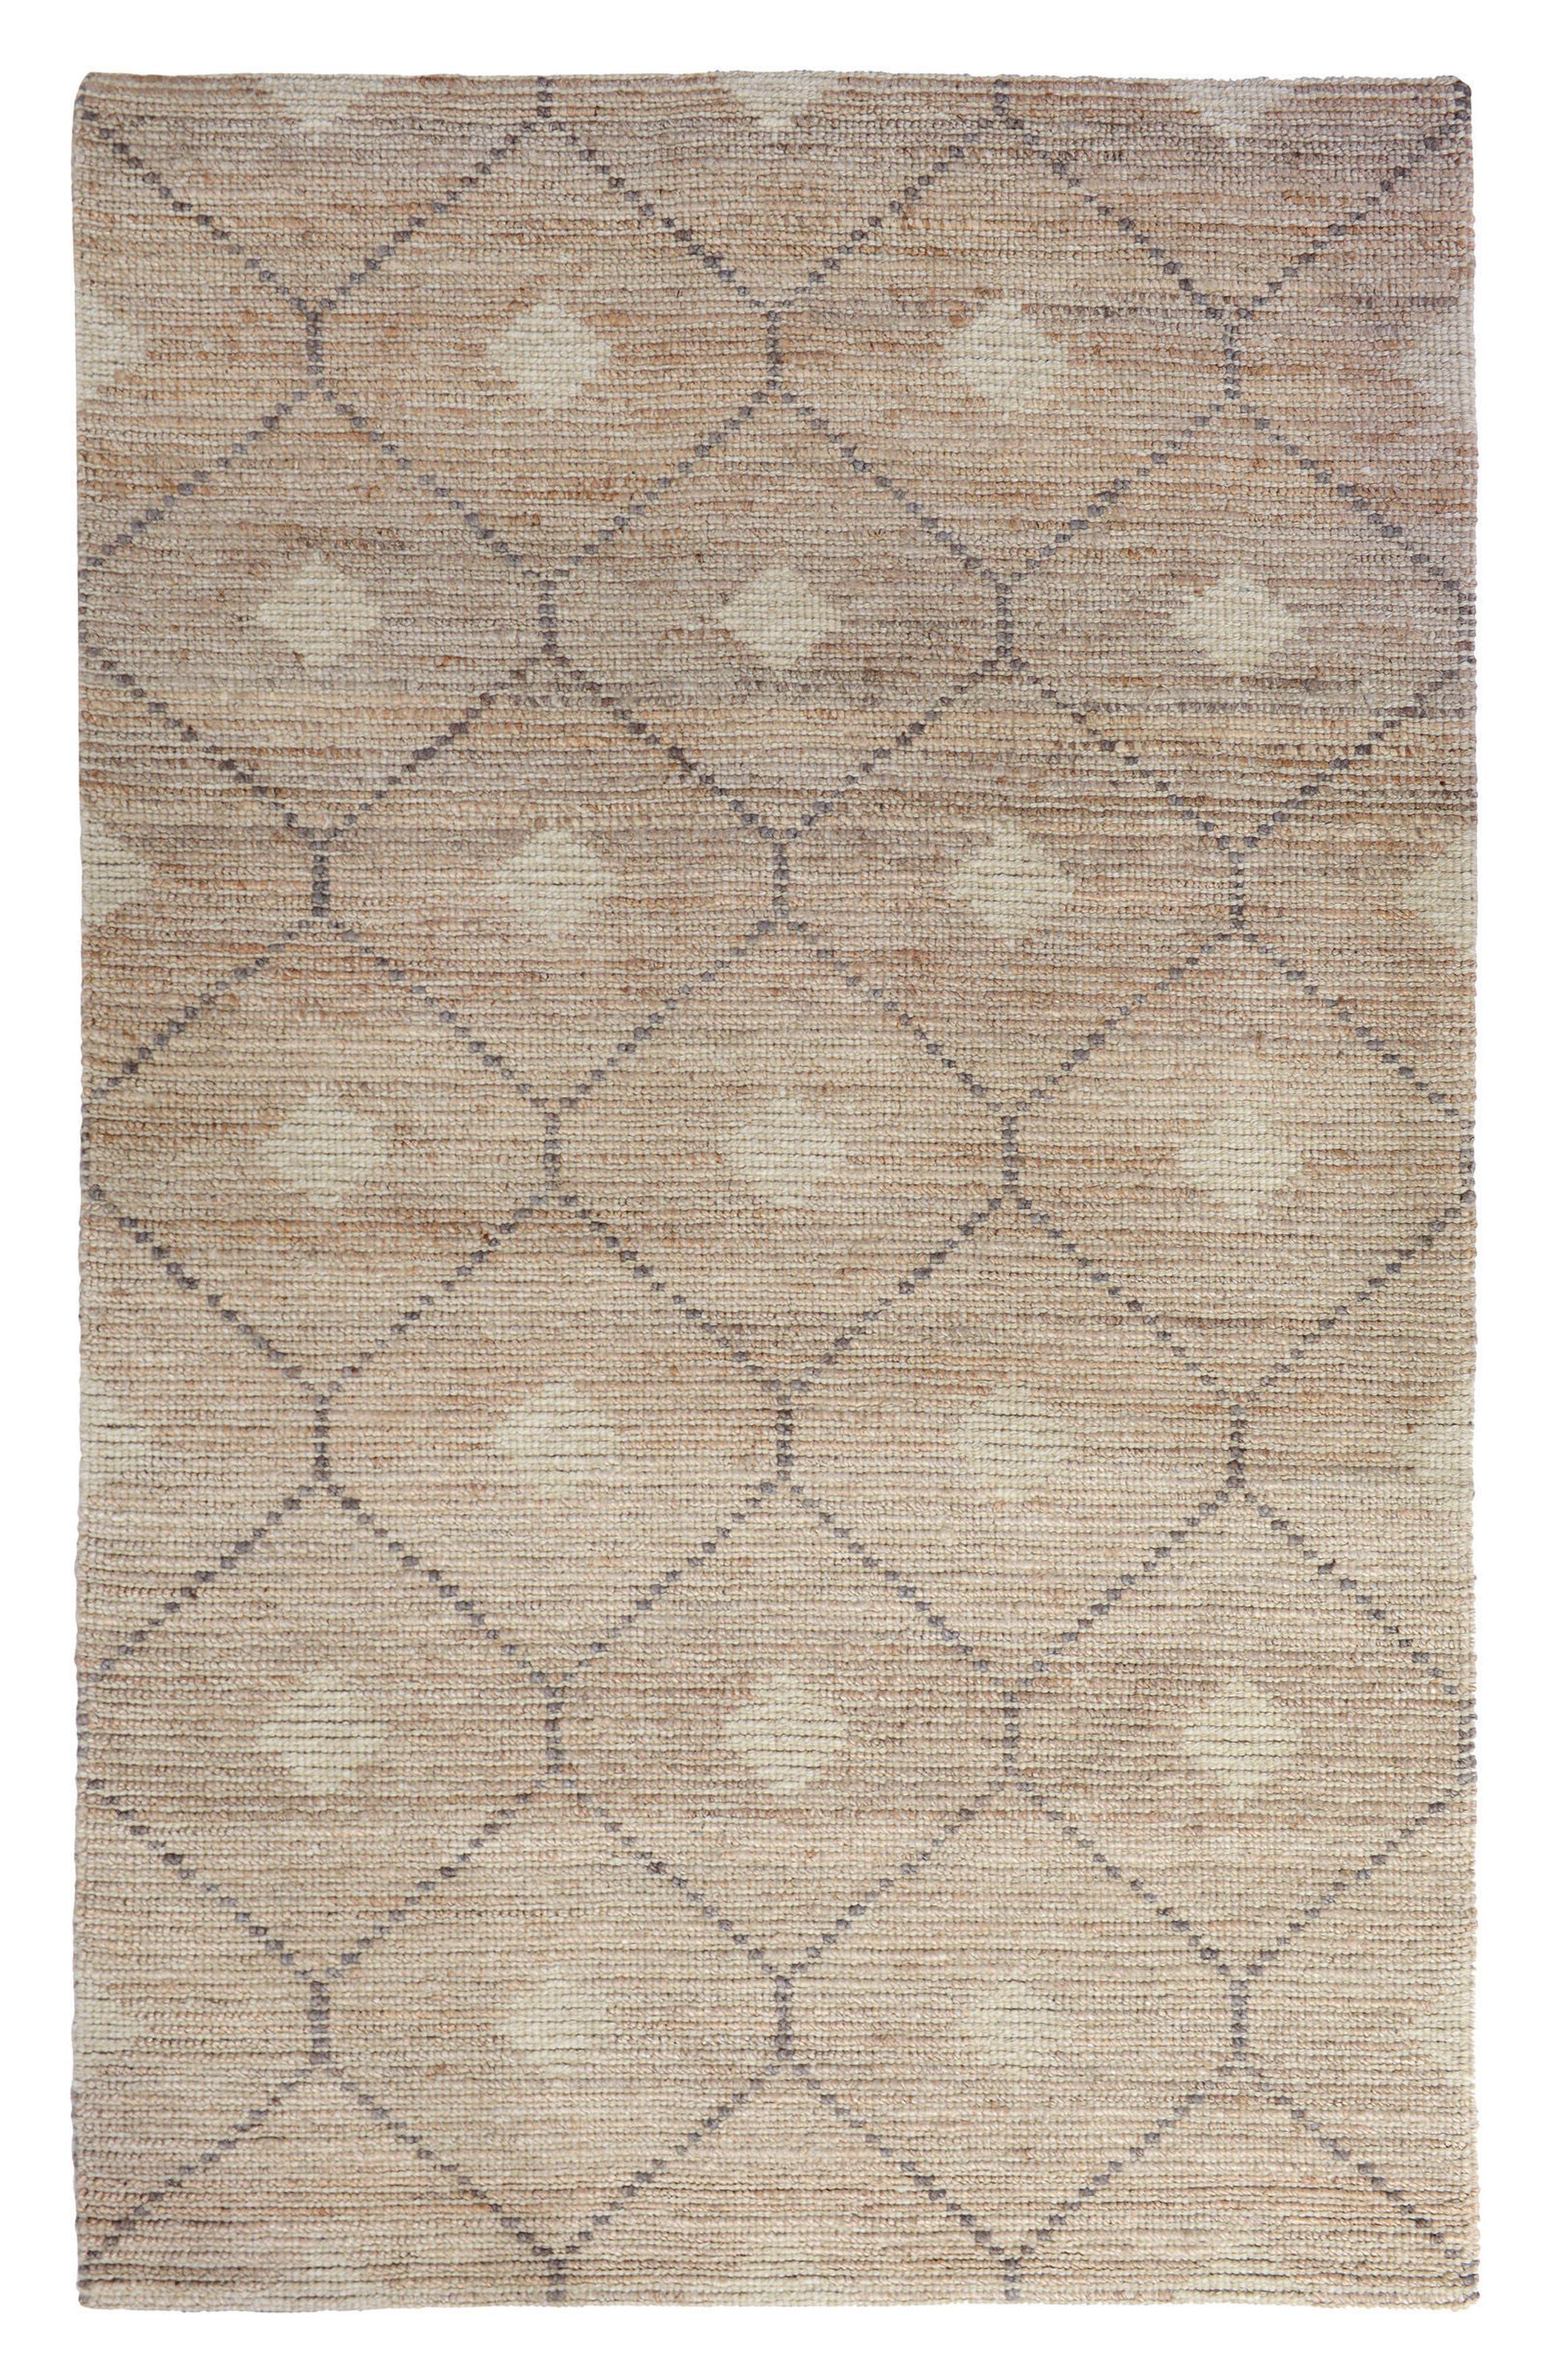 Rustica Handwoven Rug,                         Main,                         color, 250